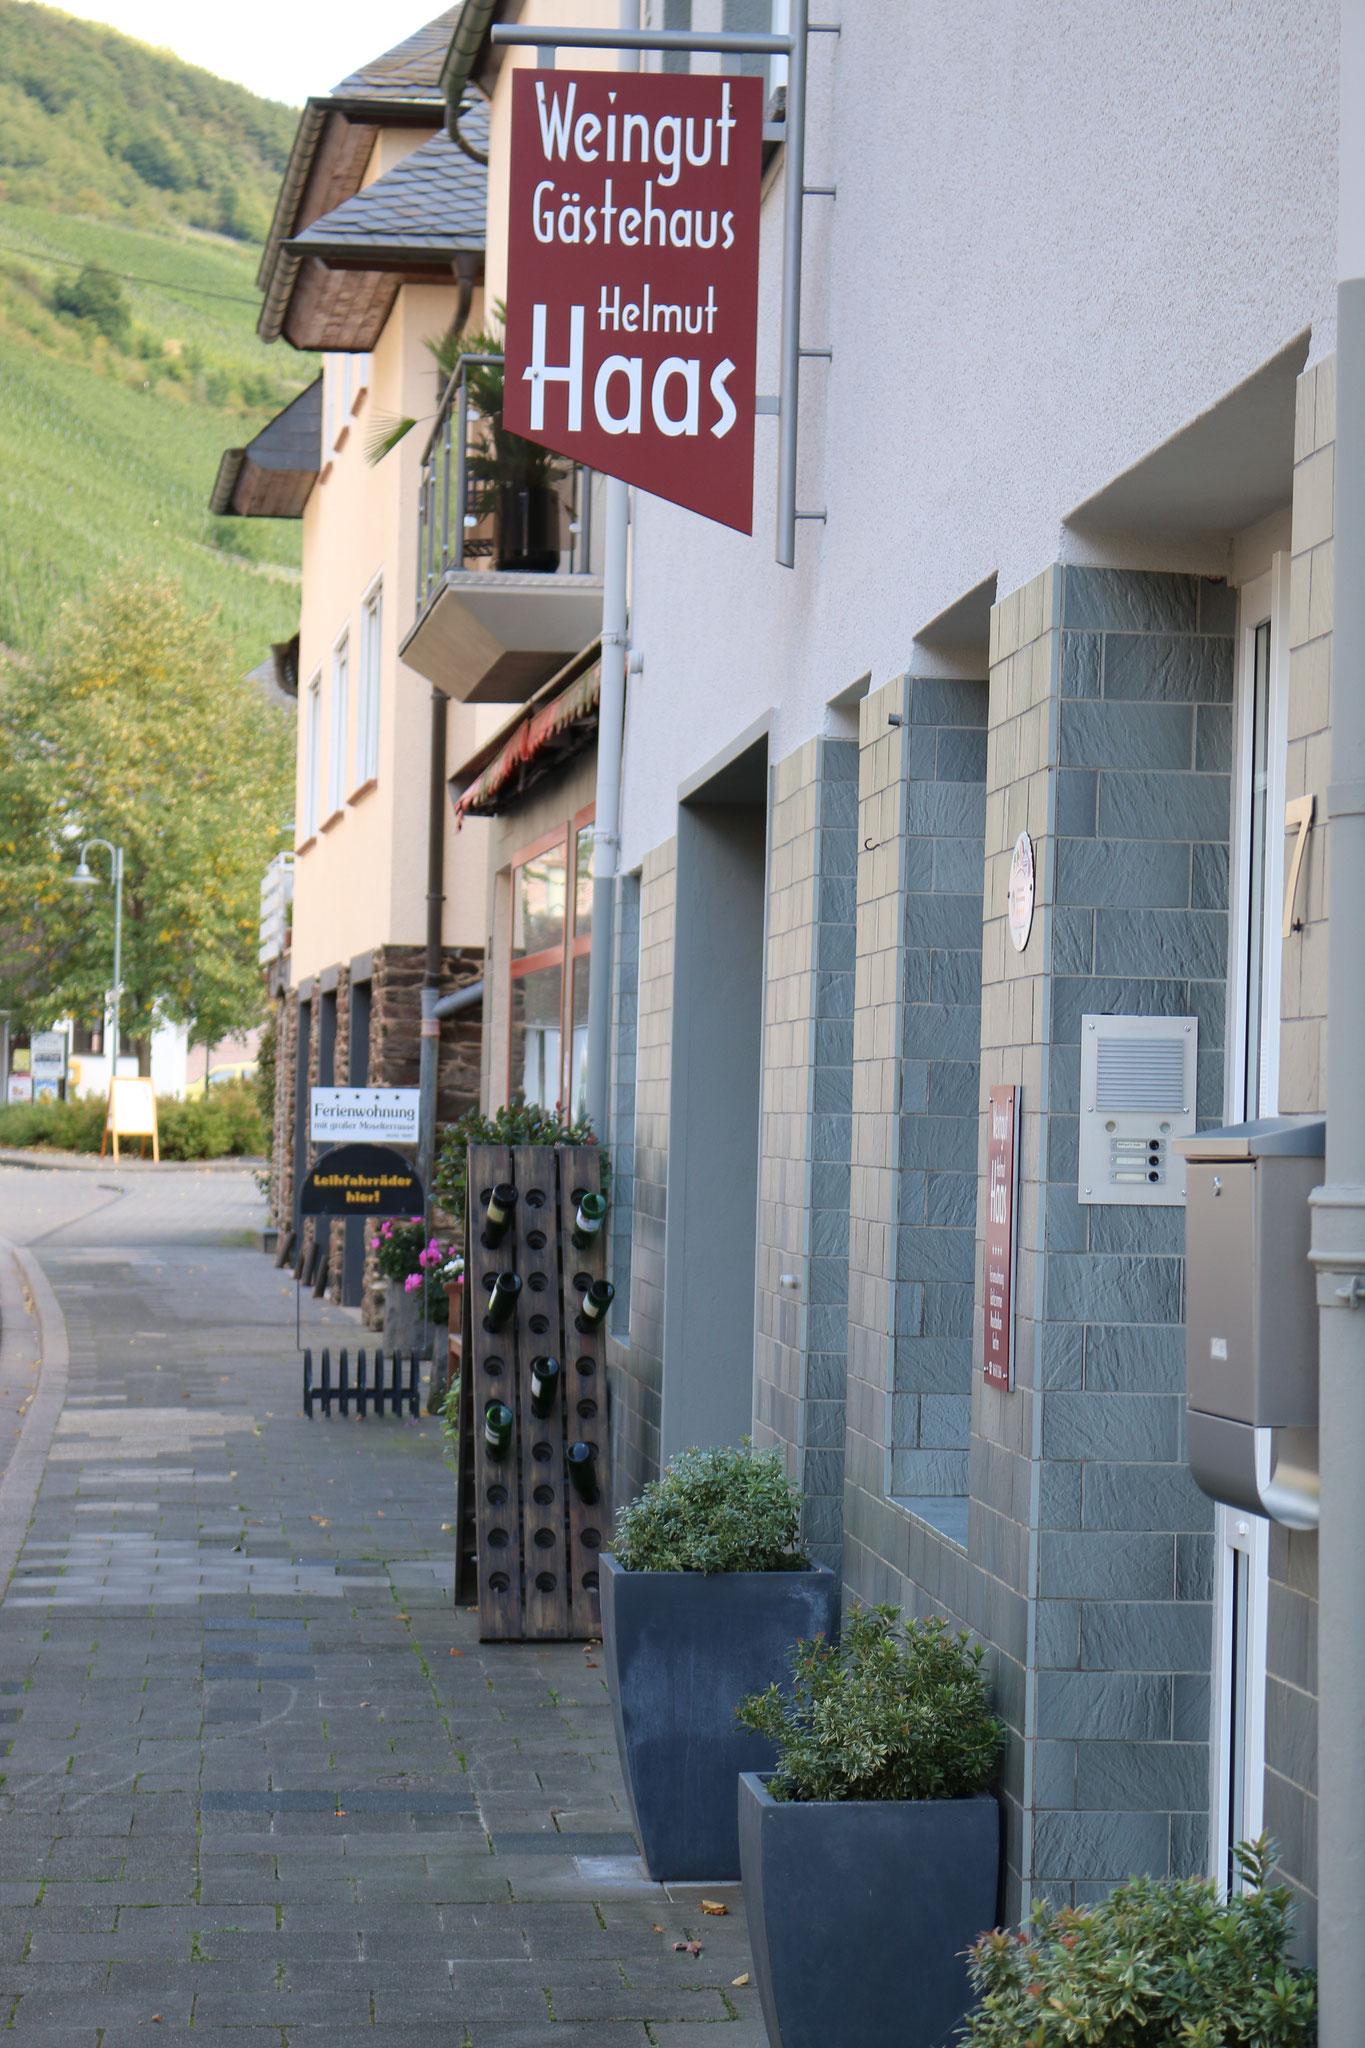 Unser Weingut-Gästehaus